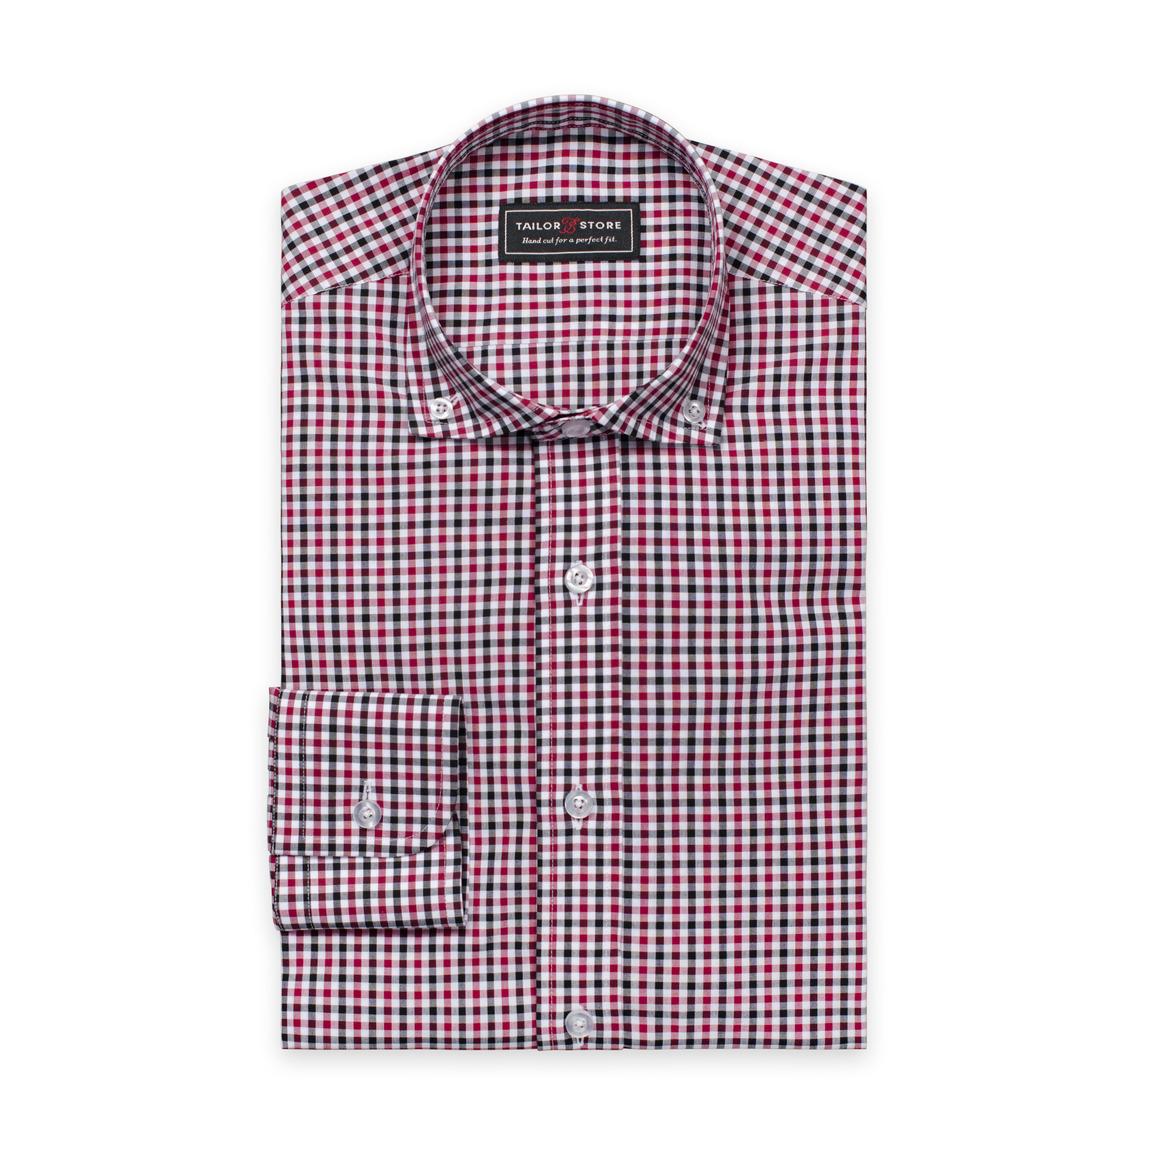 Weiß/schwarz/weinrot kariertes Hemd